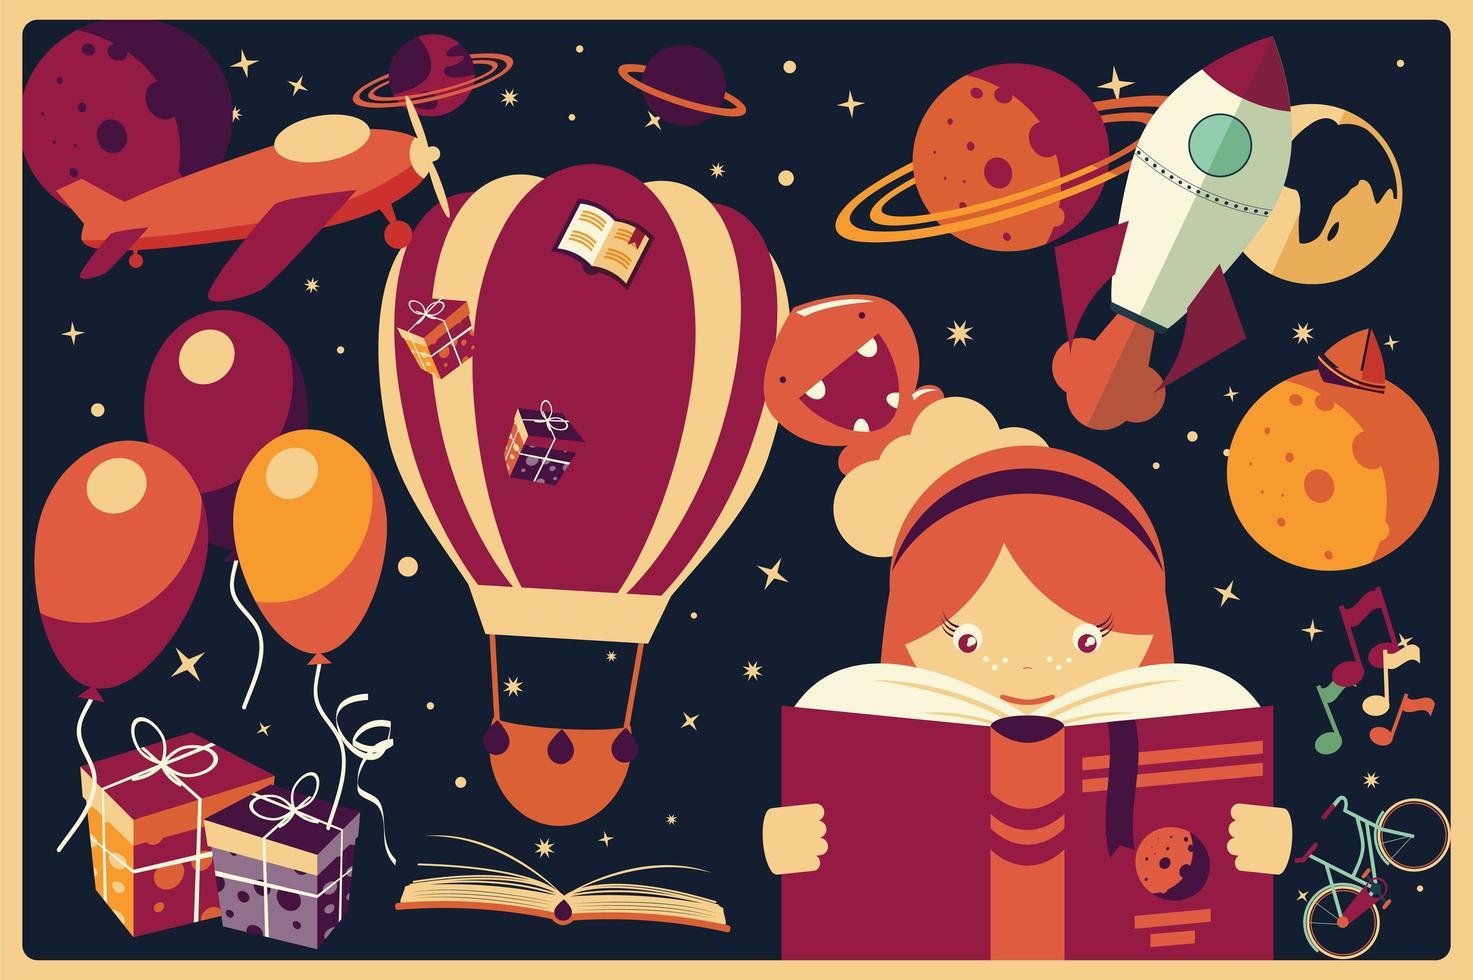 Hintergrund mit Fantasieeinzelteilen und einem Mädchen, das ein Buch liest vektor